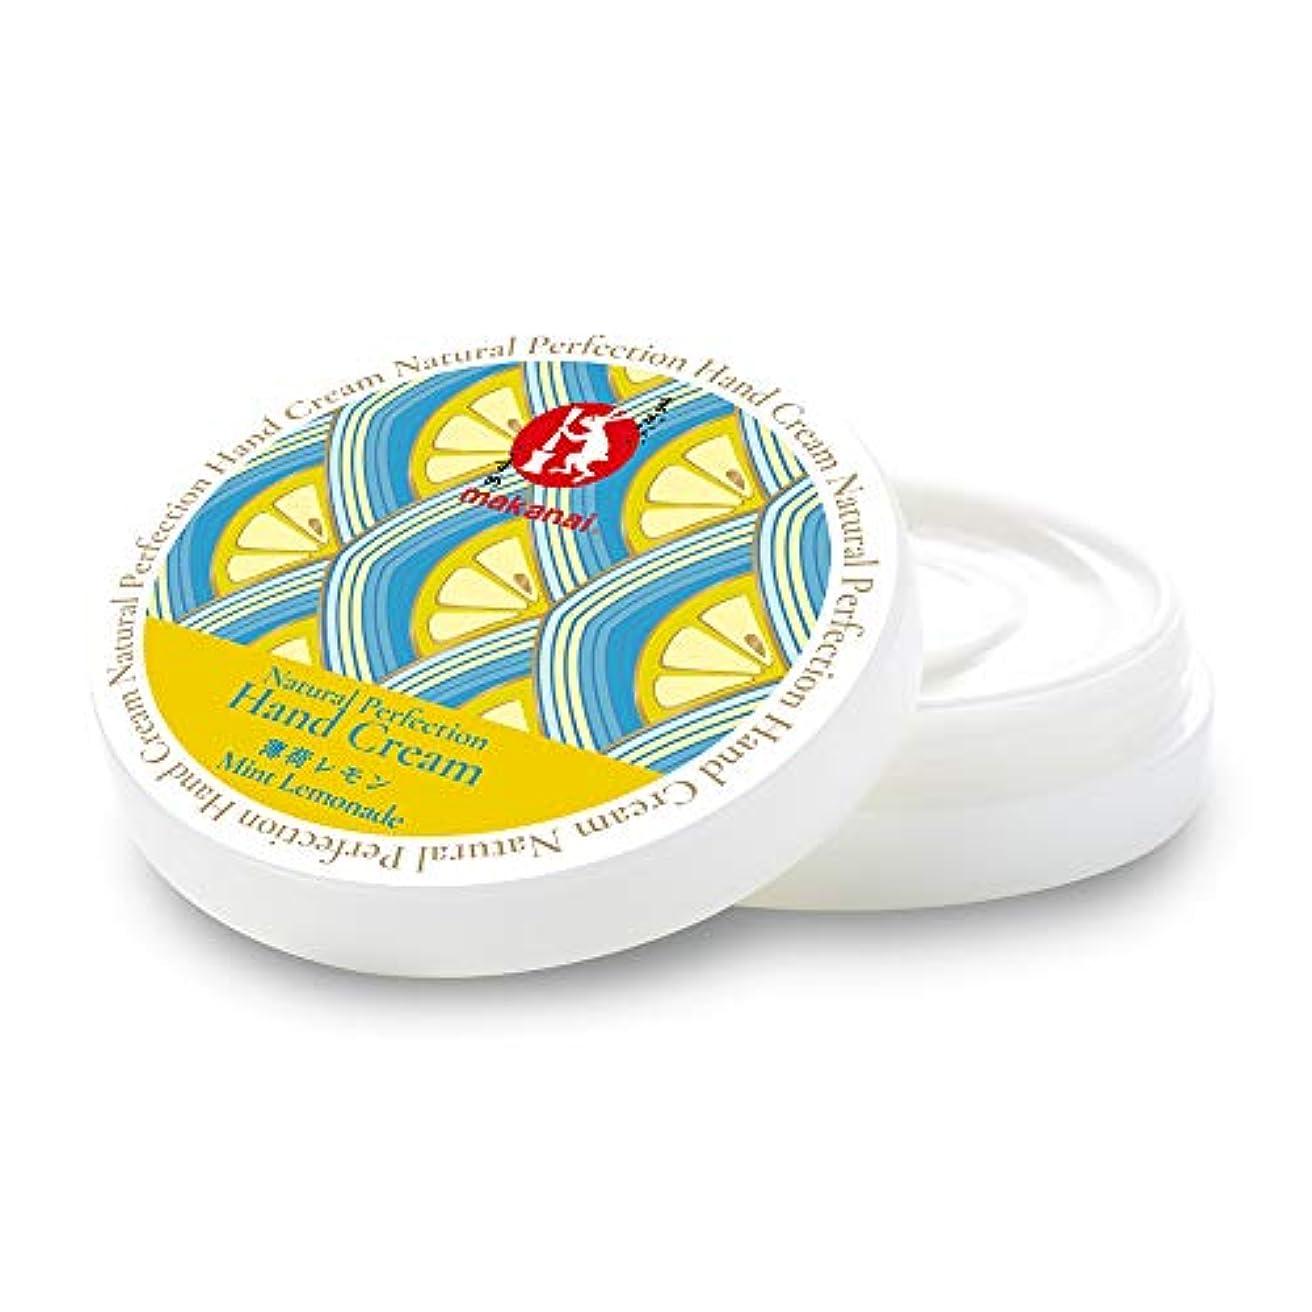 キャプチャーダイジェストタイプライターまかないこすめ 絶妙レシピのハンドクリーム(薄荷レモン) 30g